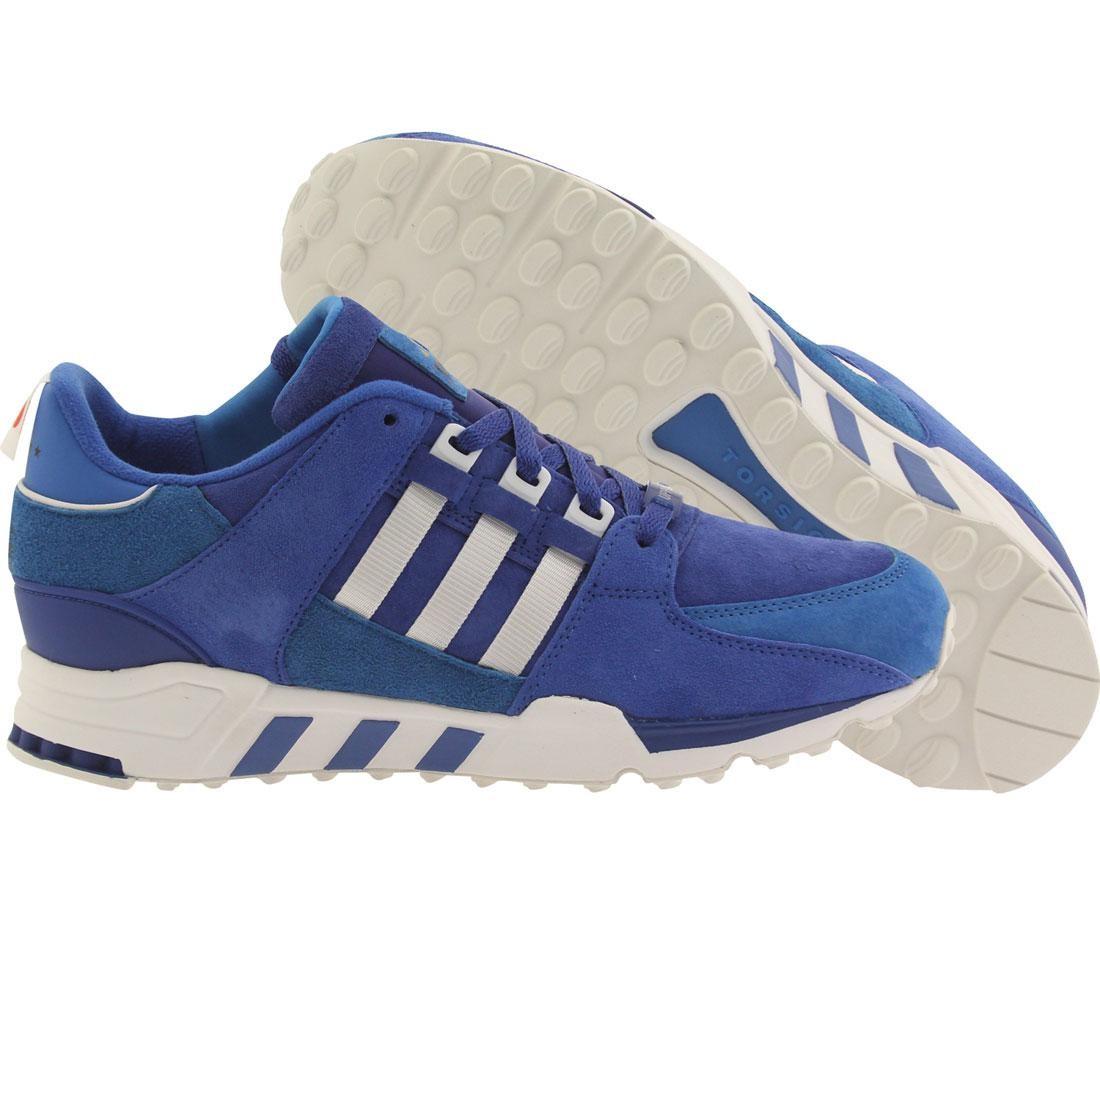 【海外限定】アディダス ブルーバード メンズ靴 靴 【 ADIDAS MEN EQT RUNNING SUPPORT 93 TOKYO BLUE COLLEGIATE ROYAL BLUEBIRD WHITE 】